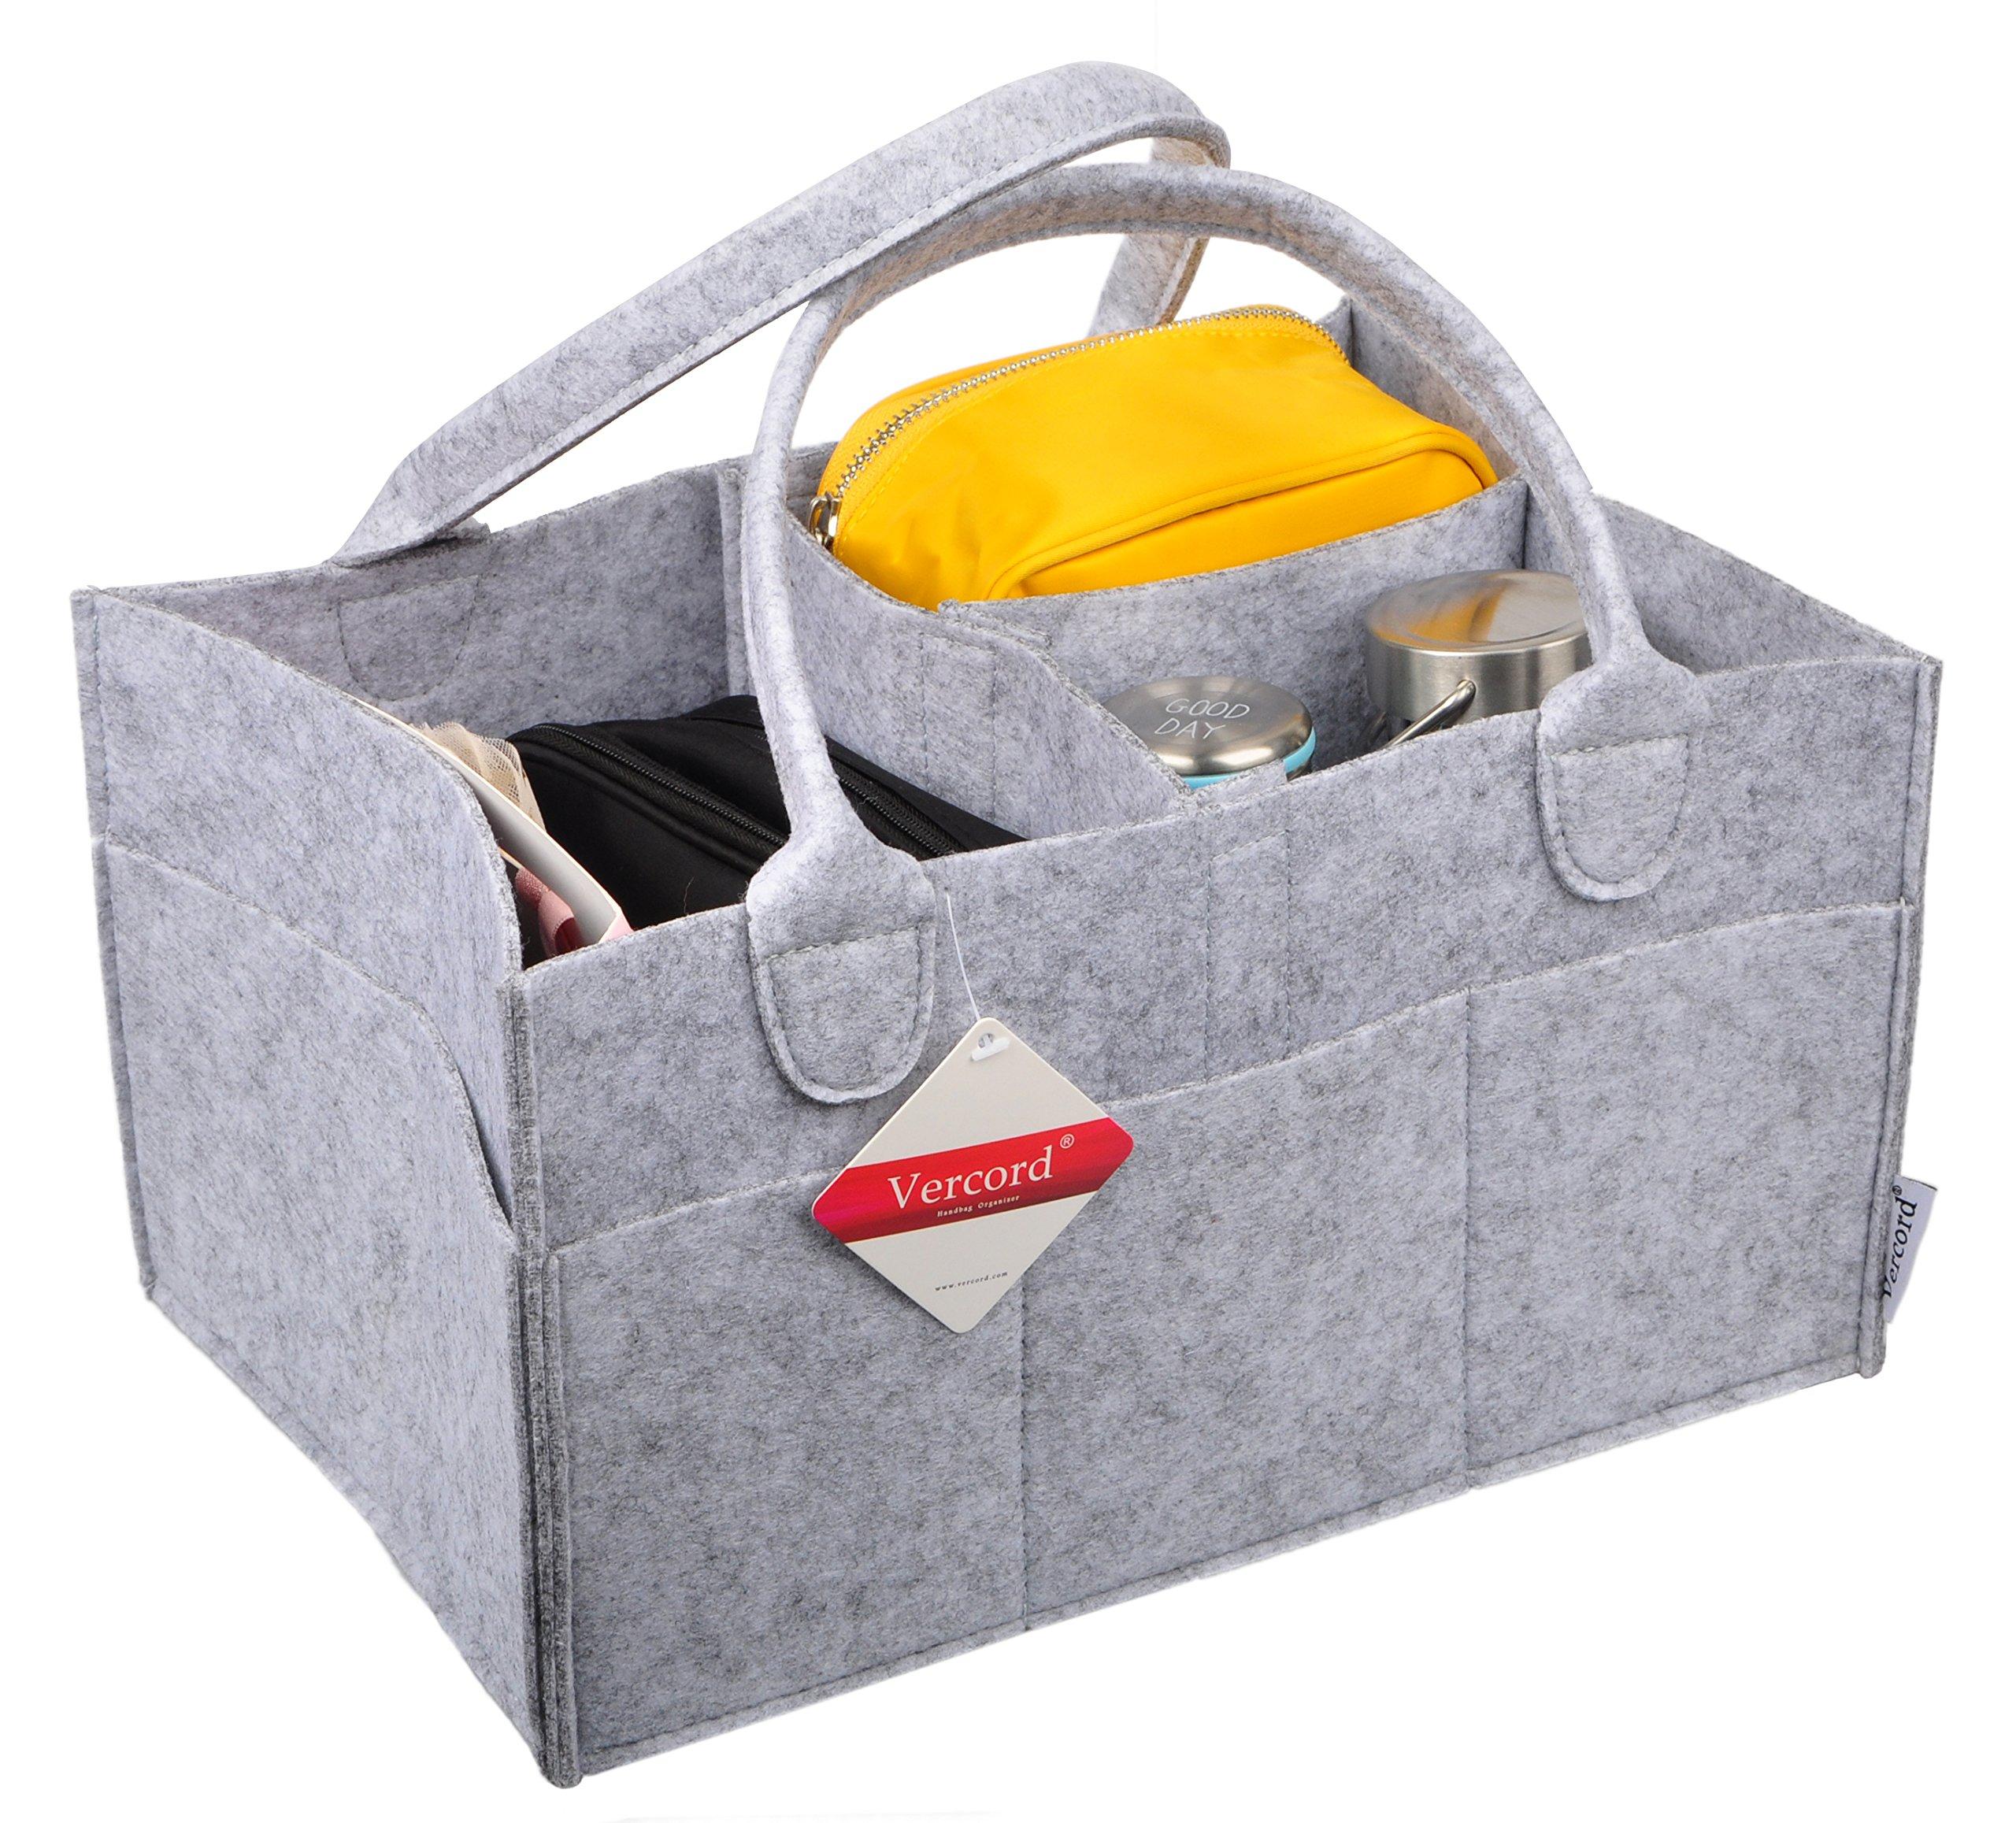 Vercord Felt Tote Handbag Purse Pocketbook Organizer Insert Divider Shaper Bag in Bag, Diaper Organizer Grey